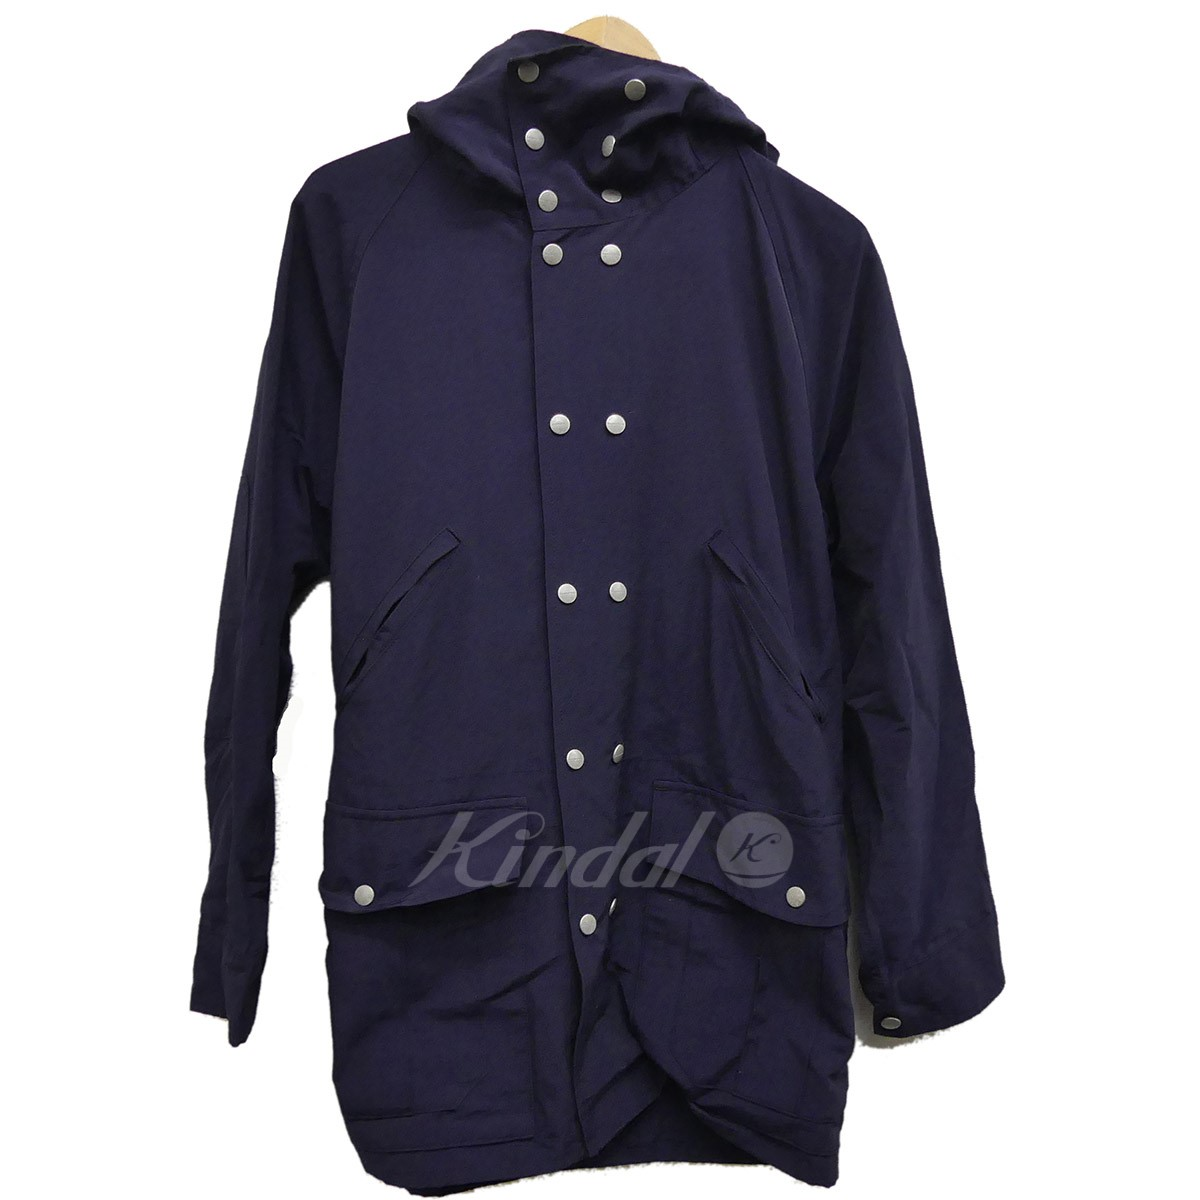 【中古】SASSAFRAS Blower Bud Coat フーデットジャケット ネイビー サイズ:S 【送料無料】 【011118】(ササフラス)